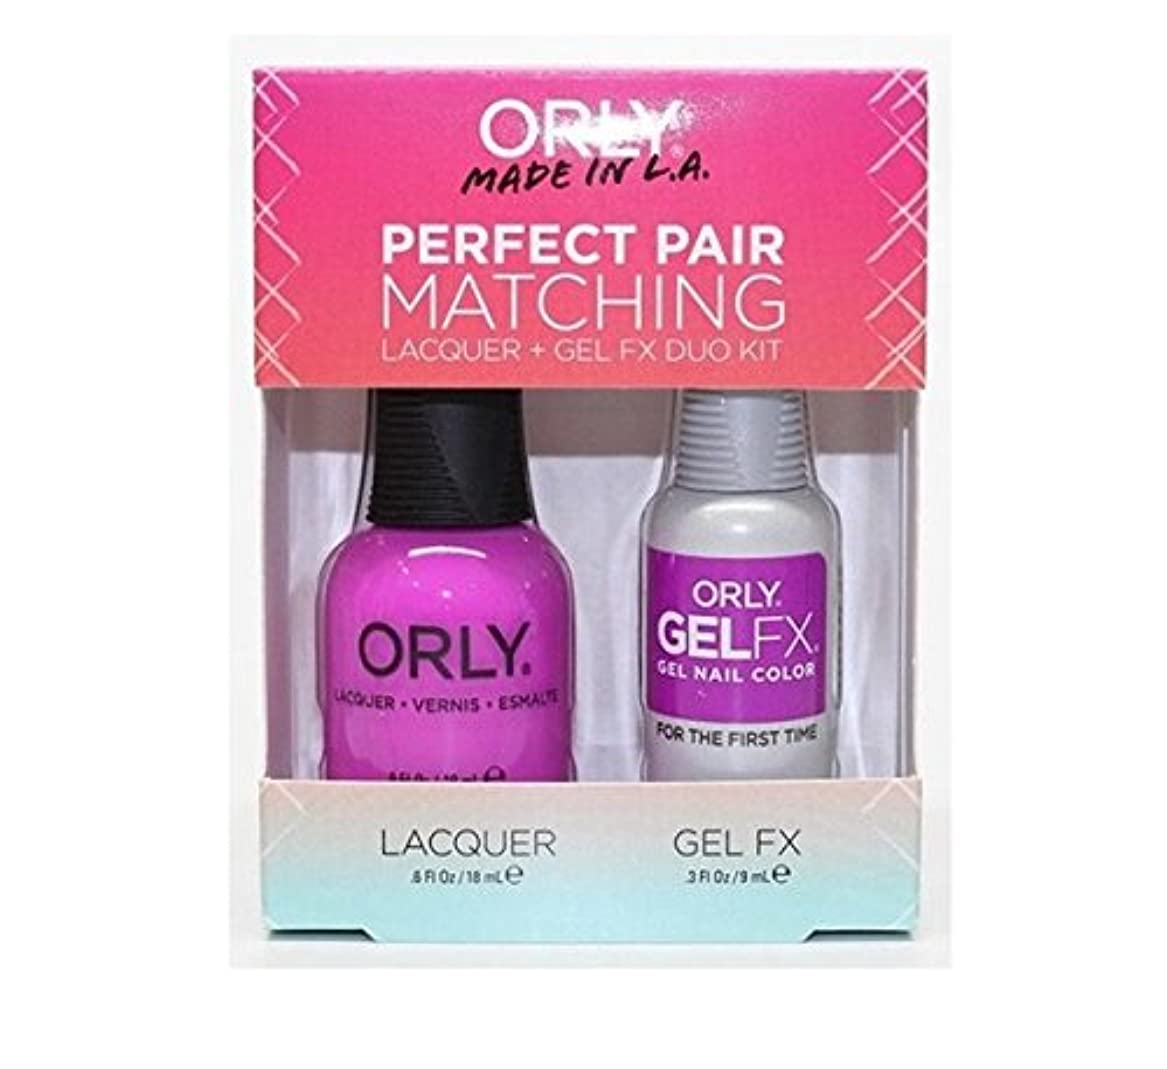 シェルタークランプ感嘆符Orly Lacquer + Gel FX - Perfect Pair Matching DUO Kit - For The First Time